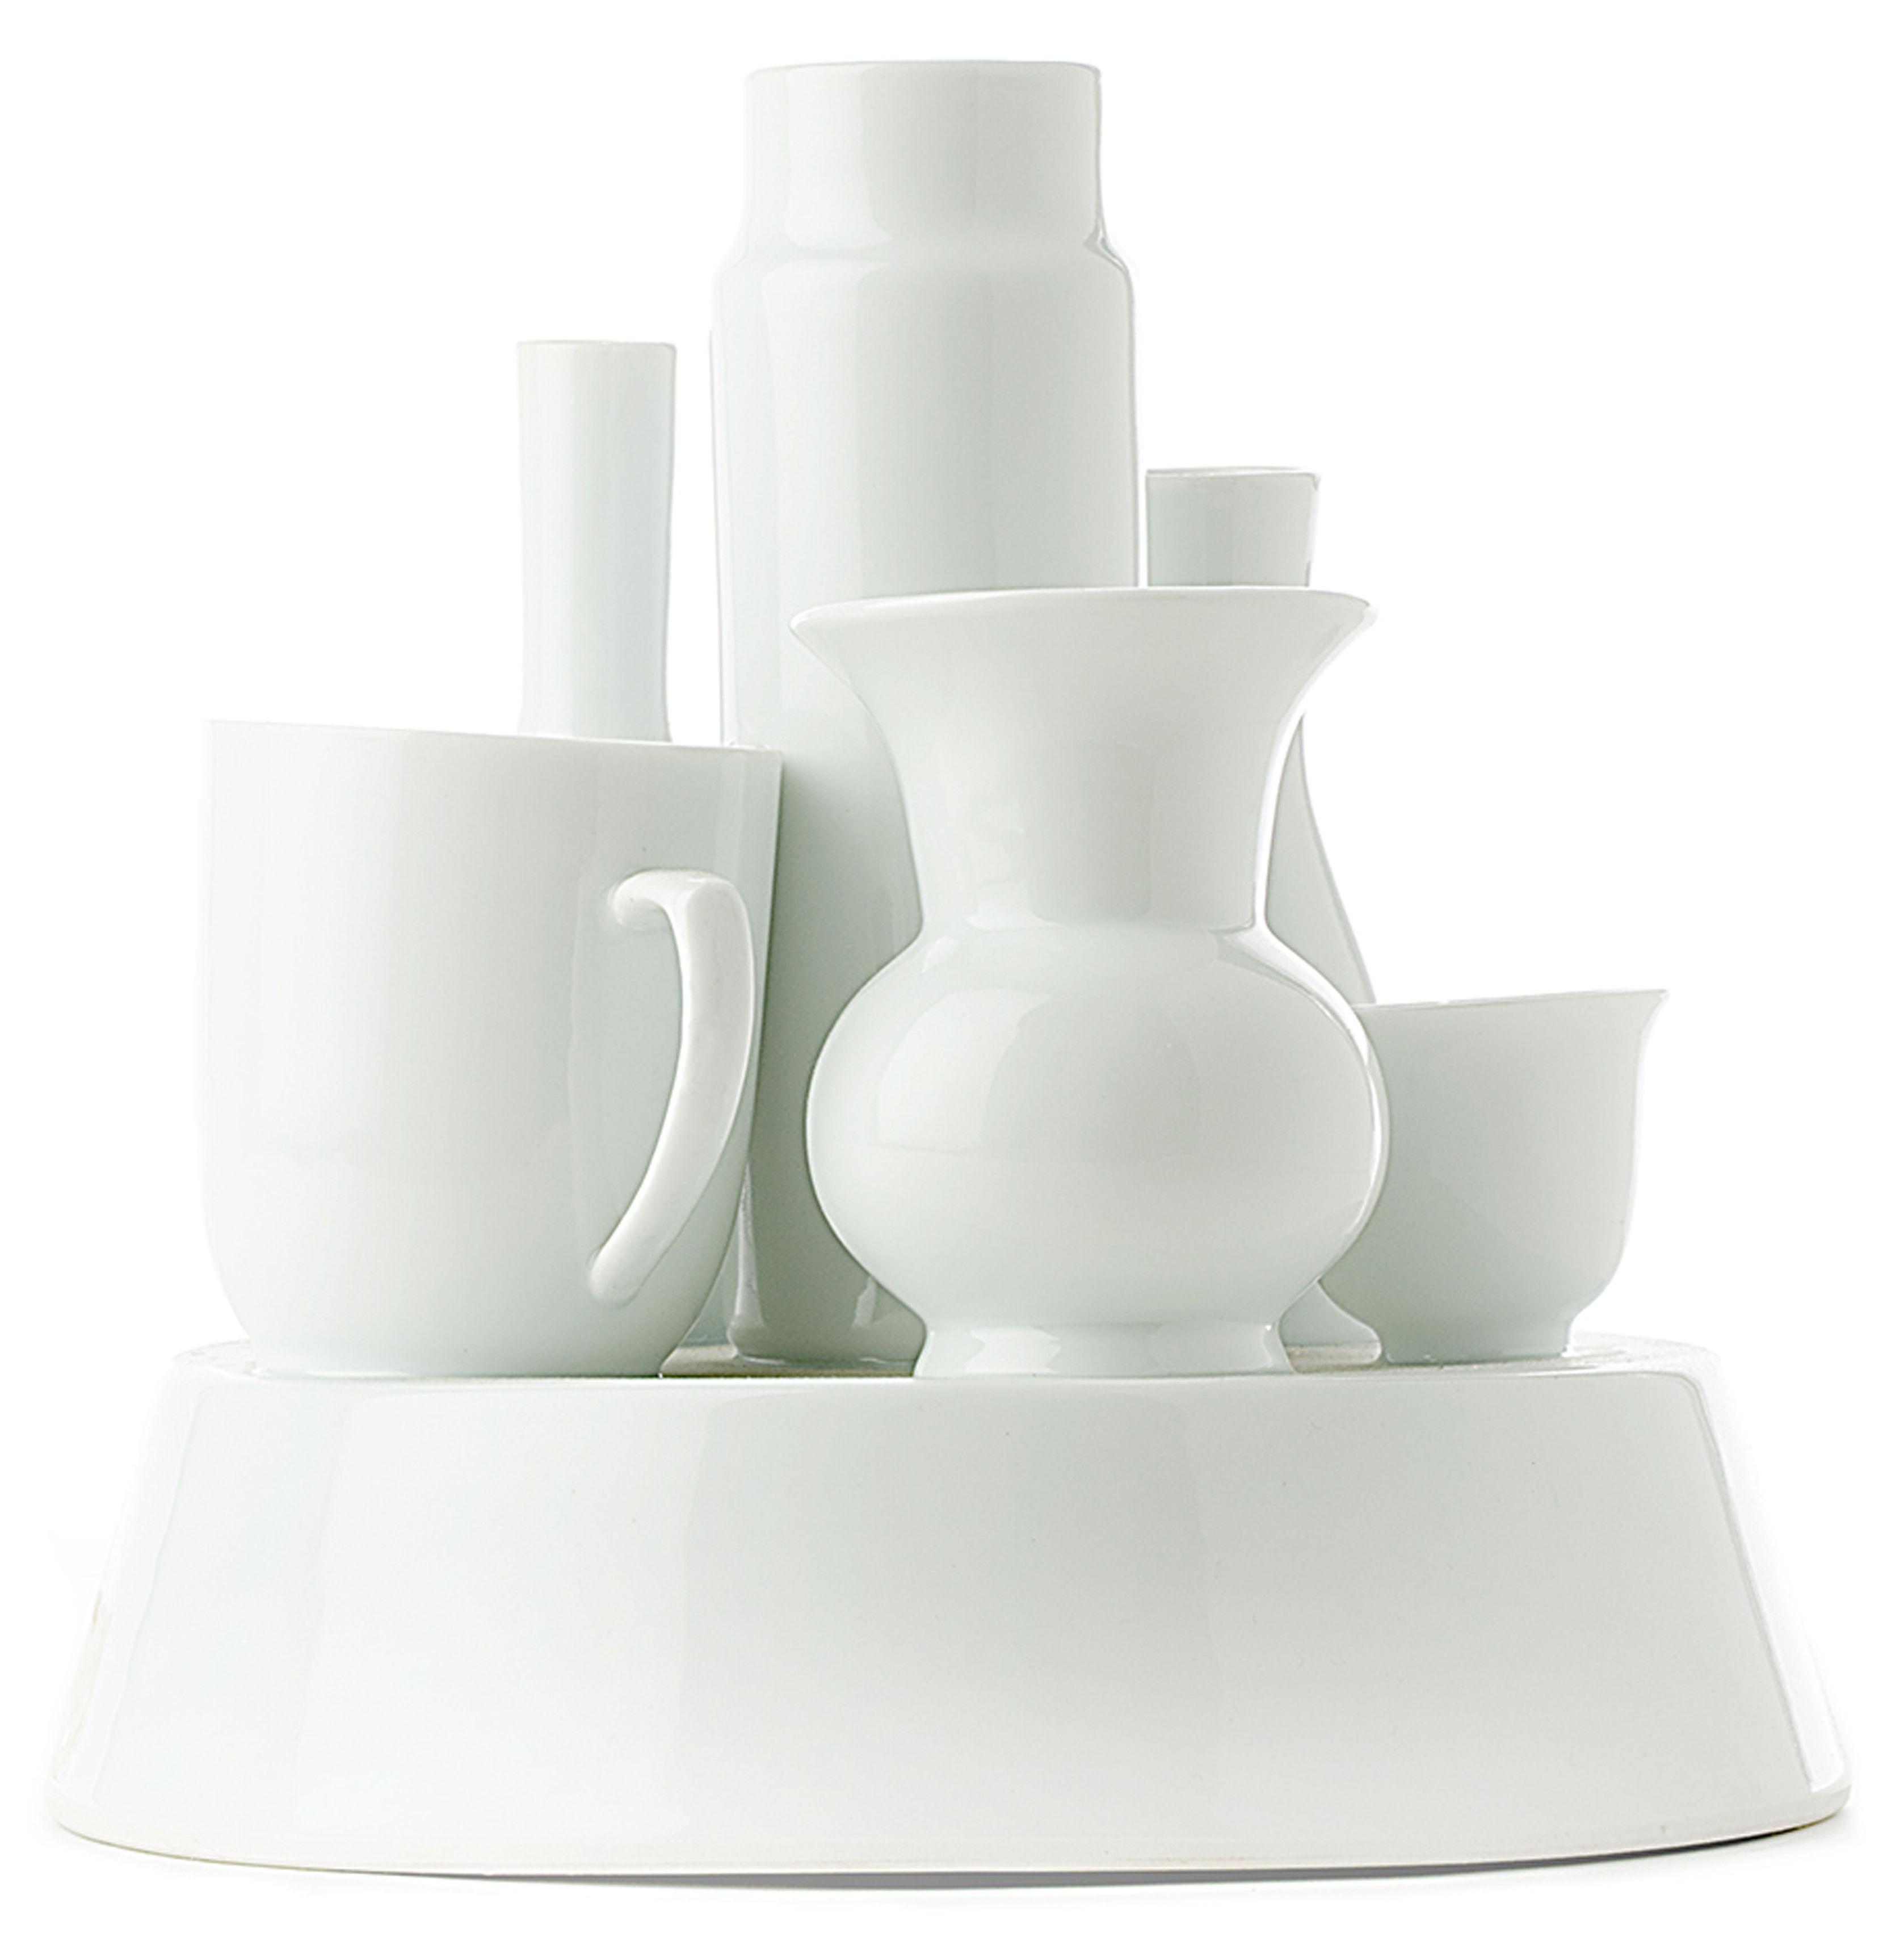 Interni - Vasi - Vaso Hong Kong di Pols Potten - Bianco - Porcellana verniciata